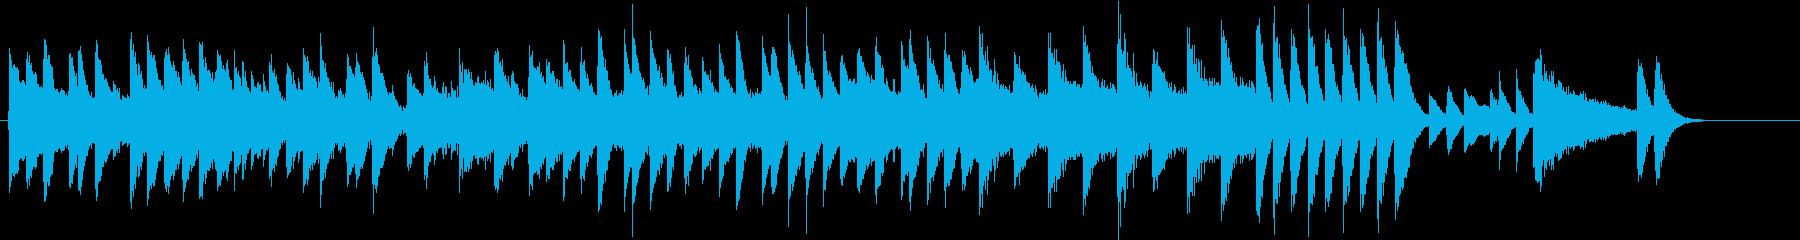 楽しいウインタースポーツのピアノジングルの再生済みの波形